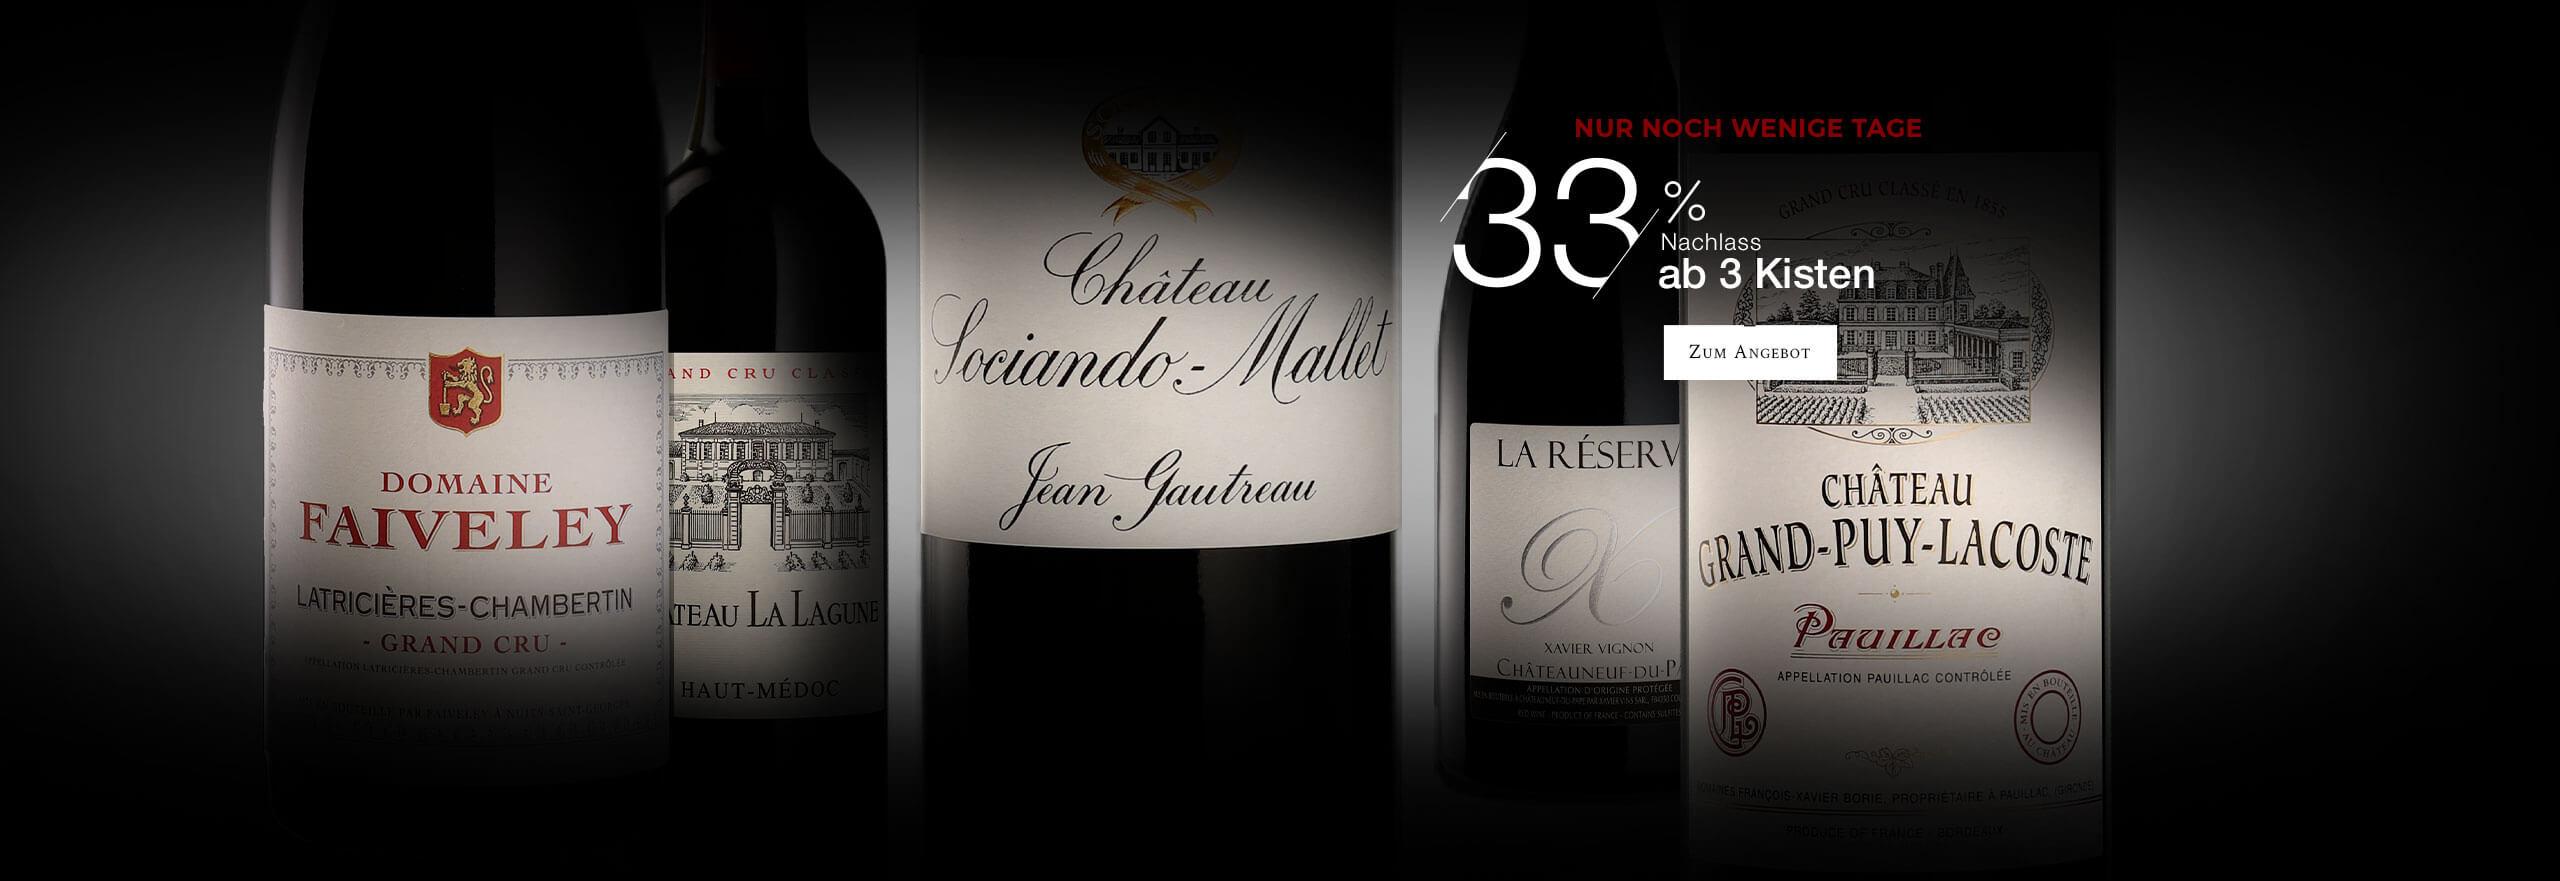 1+1= 3 (gleicher Wein 3. Kiste gratis oder gemischt 33% Rabatt ab 3 Kisten)